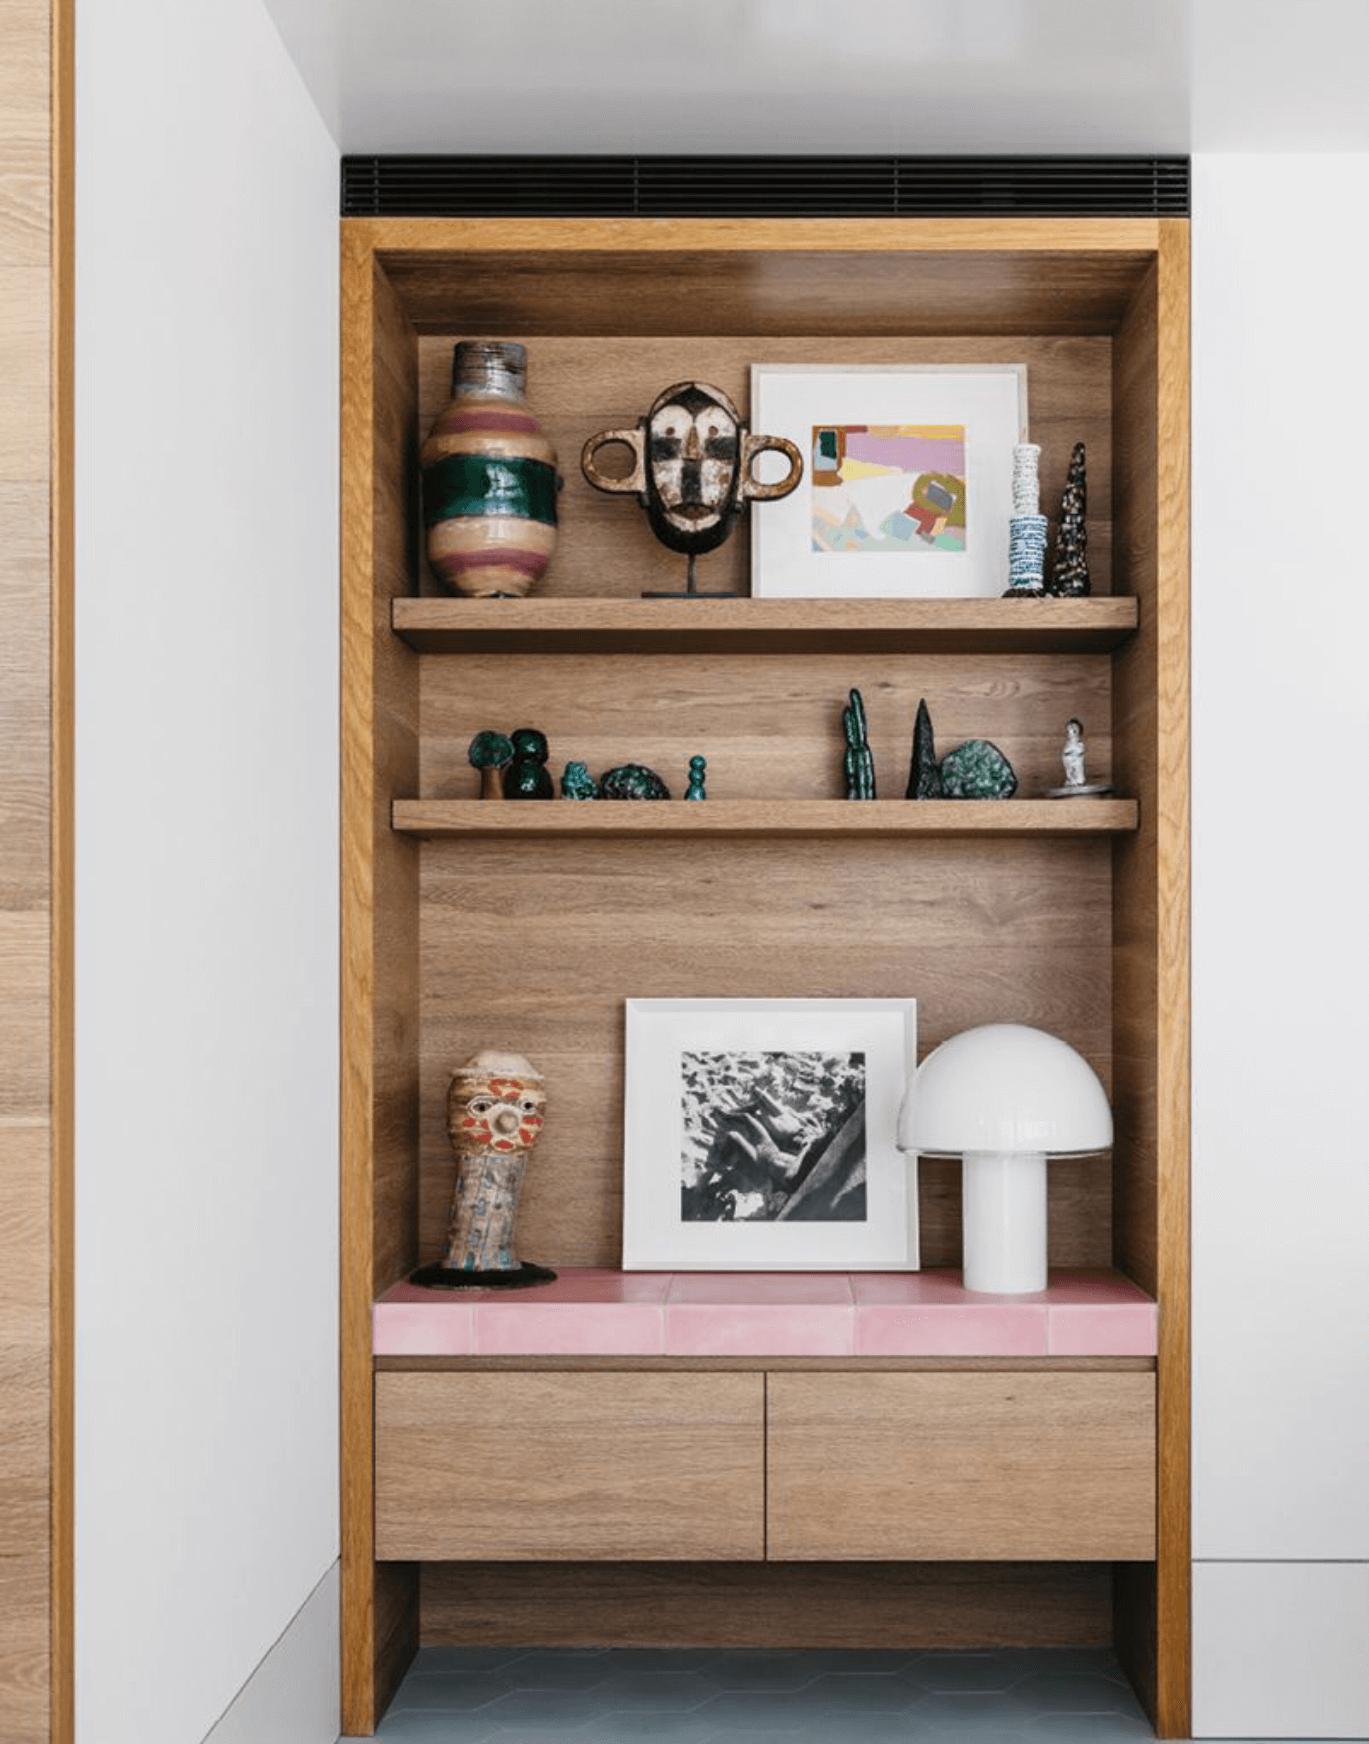 Built-in Shelving, Architectural details, pink tile, Artemide Onfale lamp